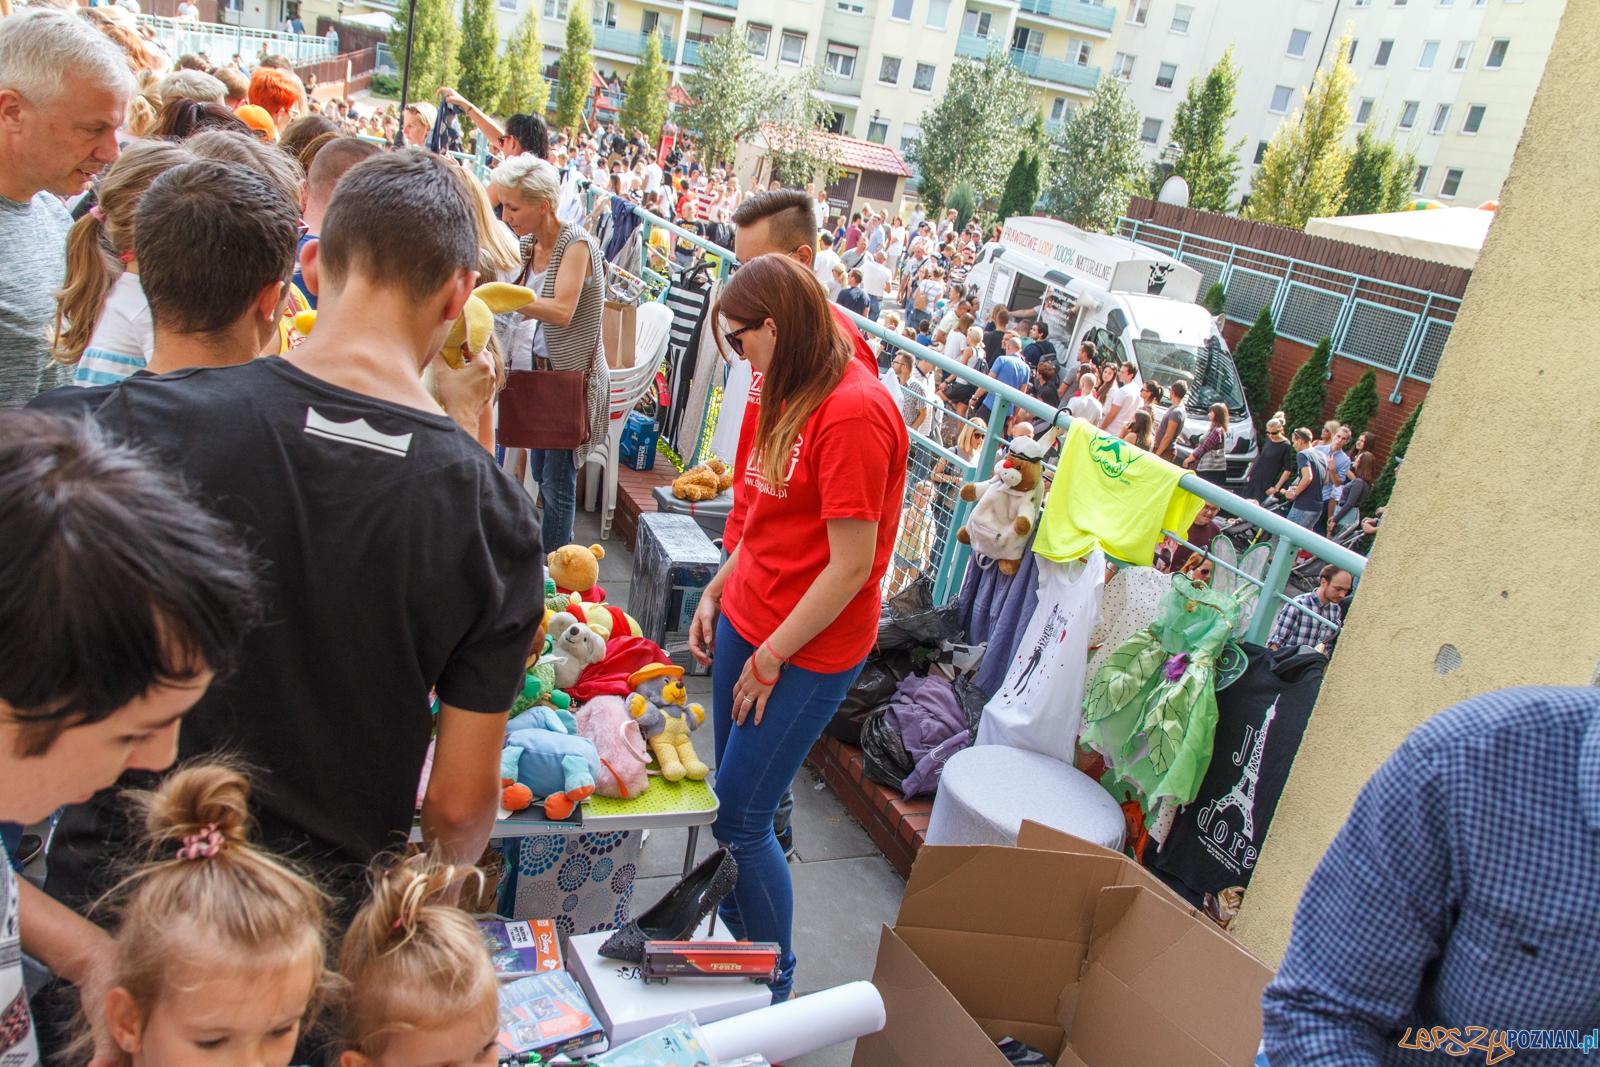 Kiermasz Asi dla Mamy poruszył Poznaniaków - Osiedle Batorego  Foto: LepszyPOZNAN.pl / Paweł Rychter